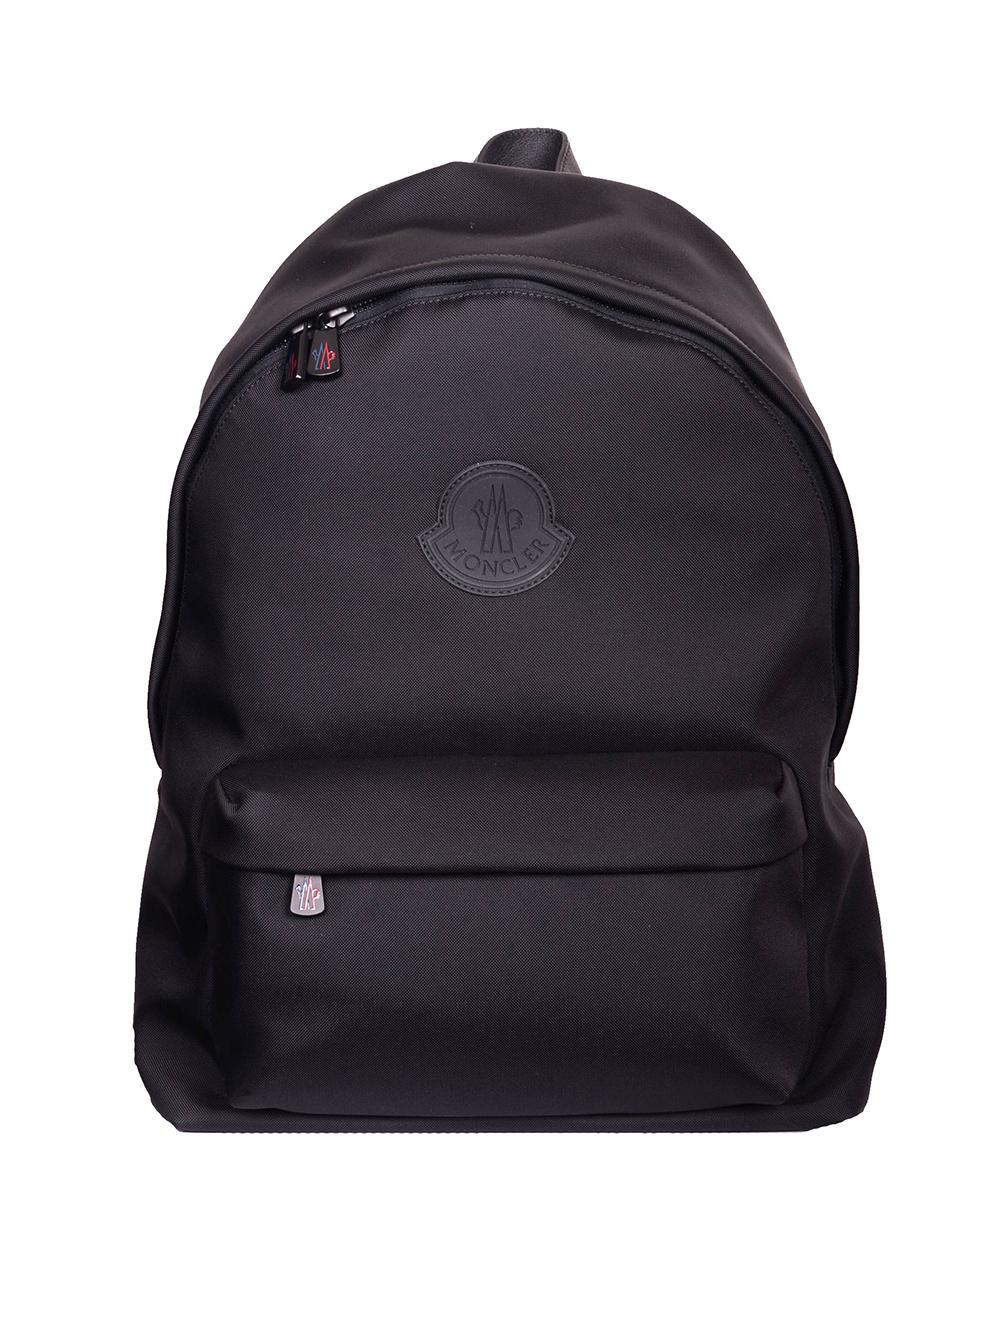 MONCLER Τσάντα ανδρική backpack E1-09A-0063600 ΜΑΥΡΟ